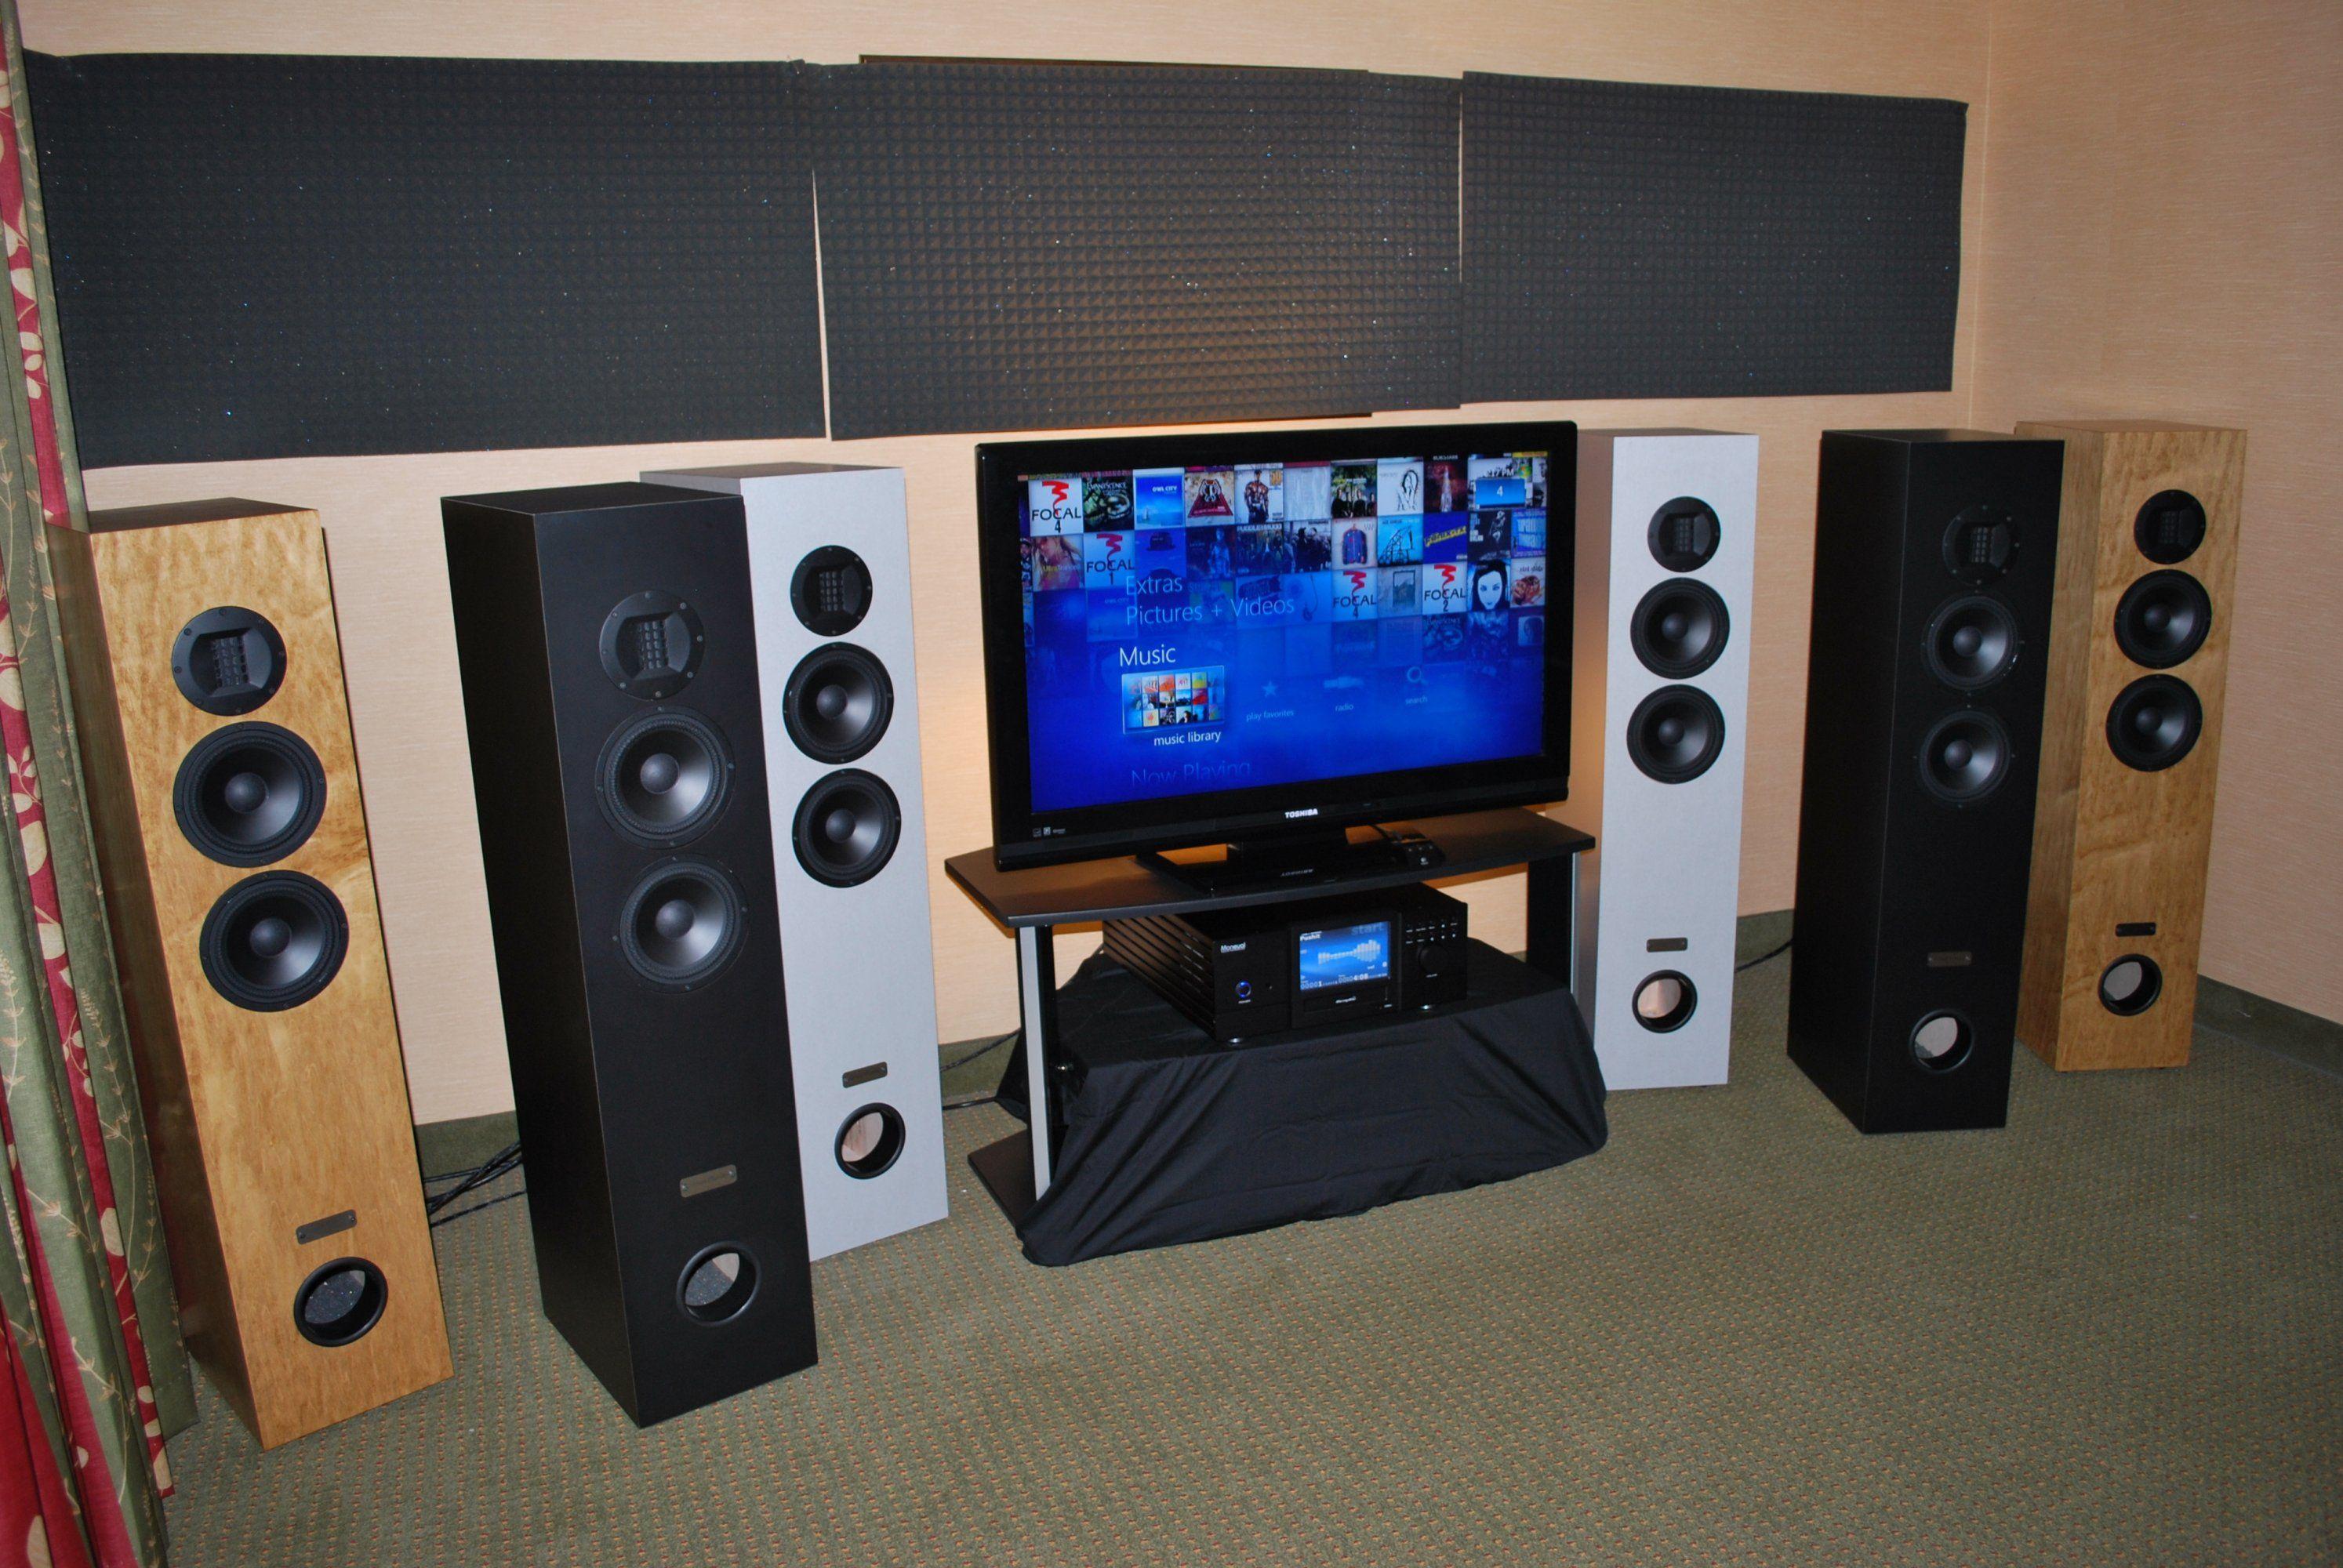 http://lonestaraudiofest.com/2011/Photos/LSAF_2011_036.jpg